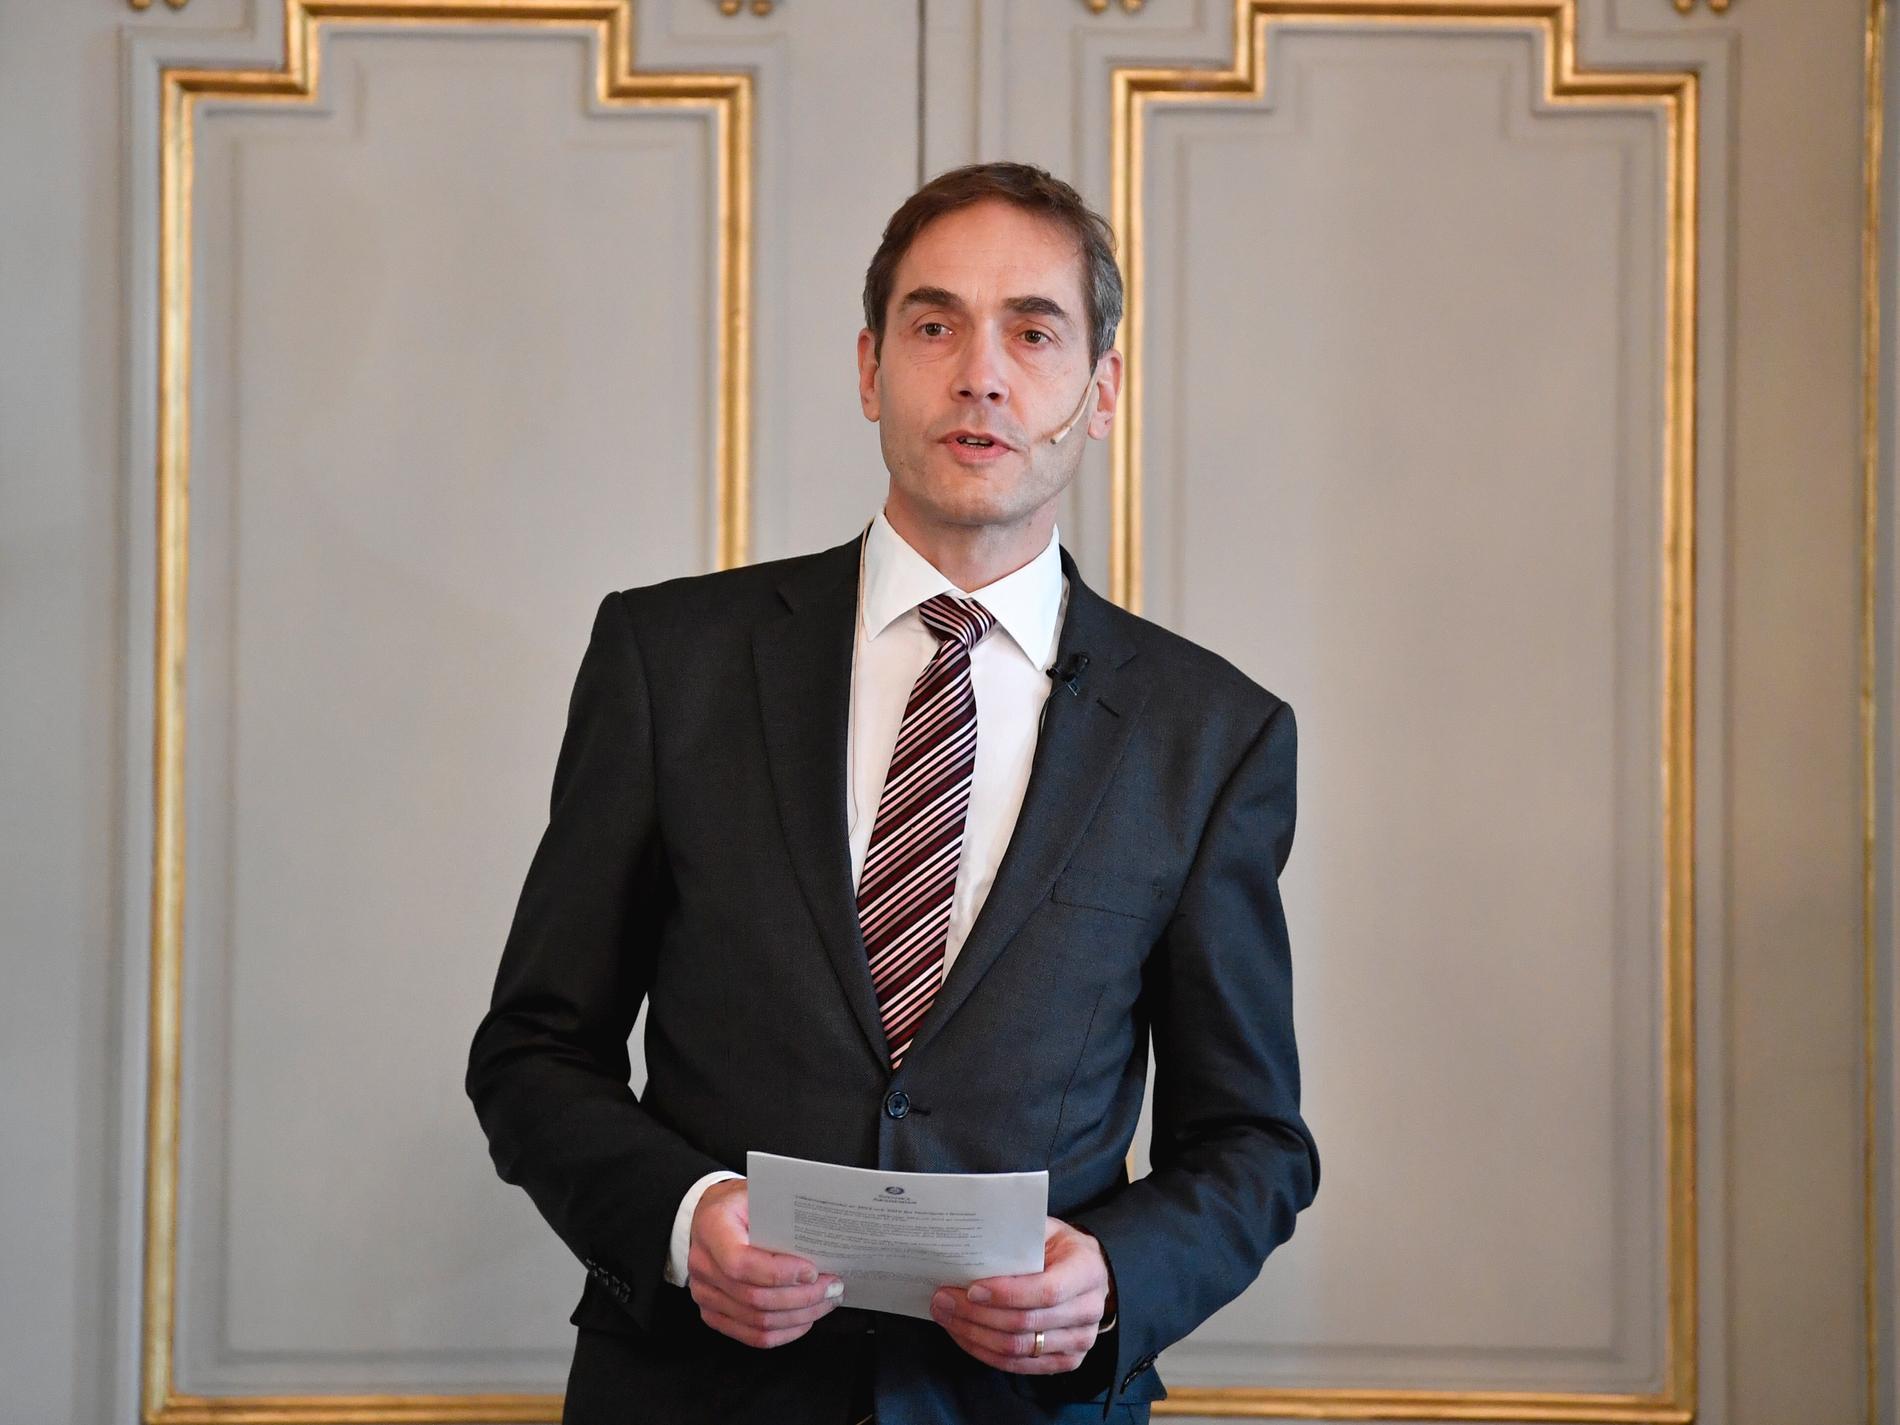 Mats Malm, Svenska Akademiens ständige sekreterare, kommer att presentera årets pristagare imorgon.